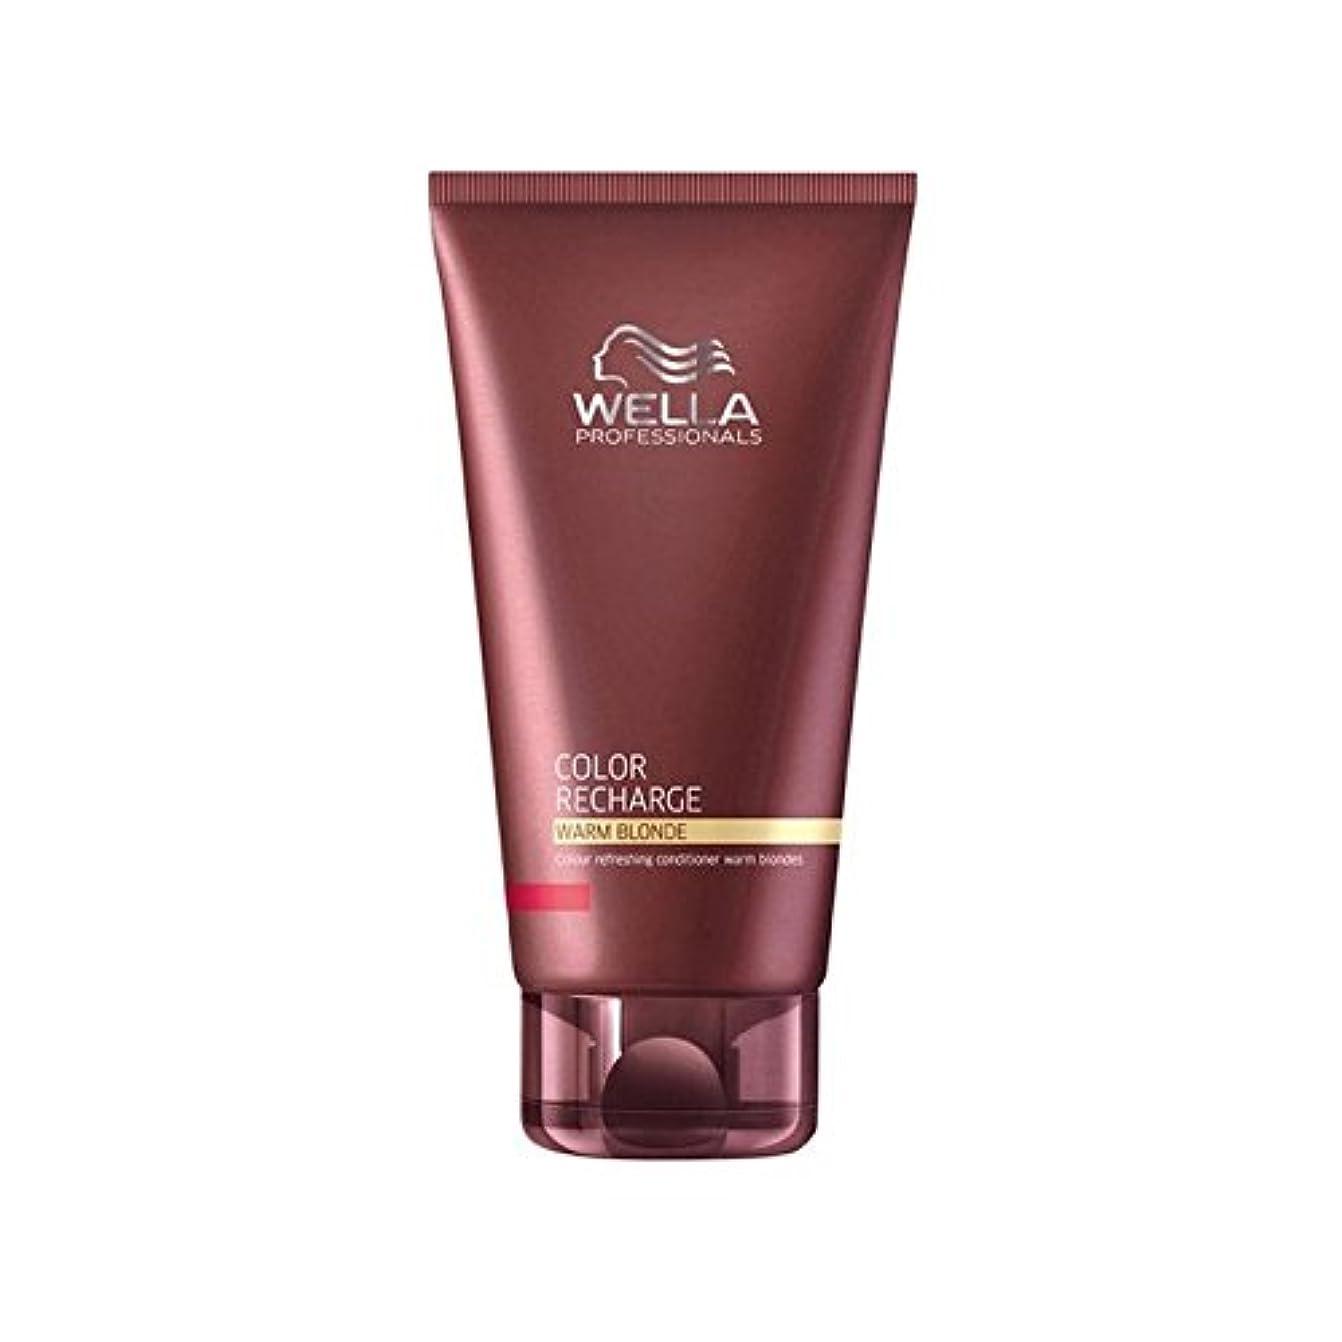 逆皿解読するWella Professionals Color Recharge Conditioner Warm Blonde (200ml) (Pack of 6) - ウエラ専門家のカラー再充電コンディショナー暖かいブロンド(...